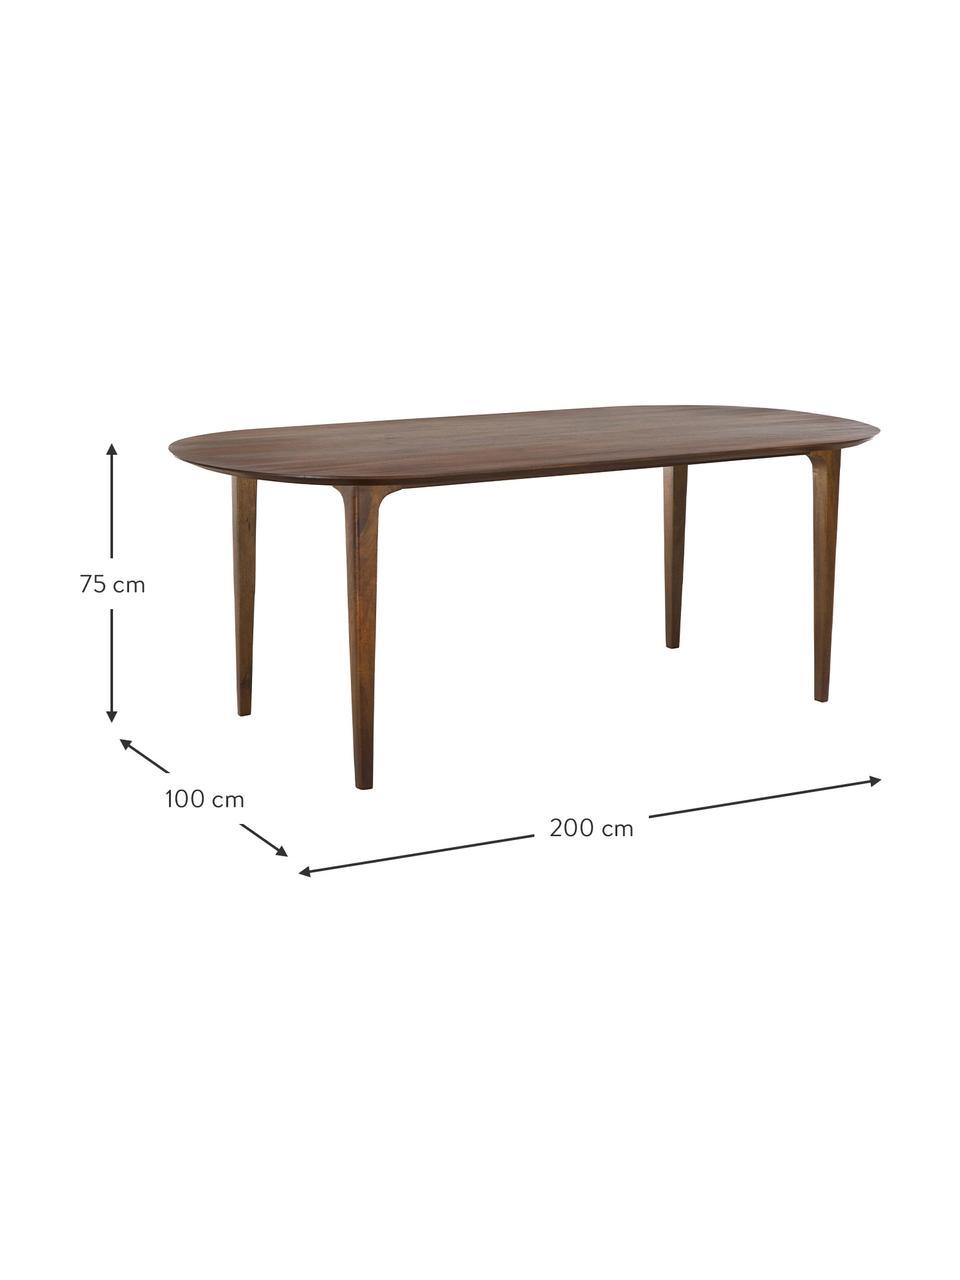 Ovaler Esstisch Archie mit Mangoholz, 200 x 100 cm, Massives Mangoholz, lackiert, Mangoholz, dunkel lackiert, B 200 x T 100 cm